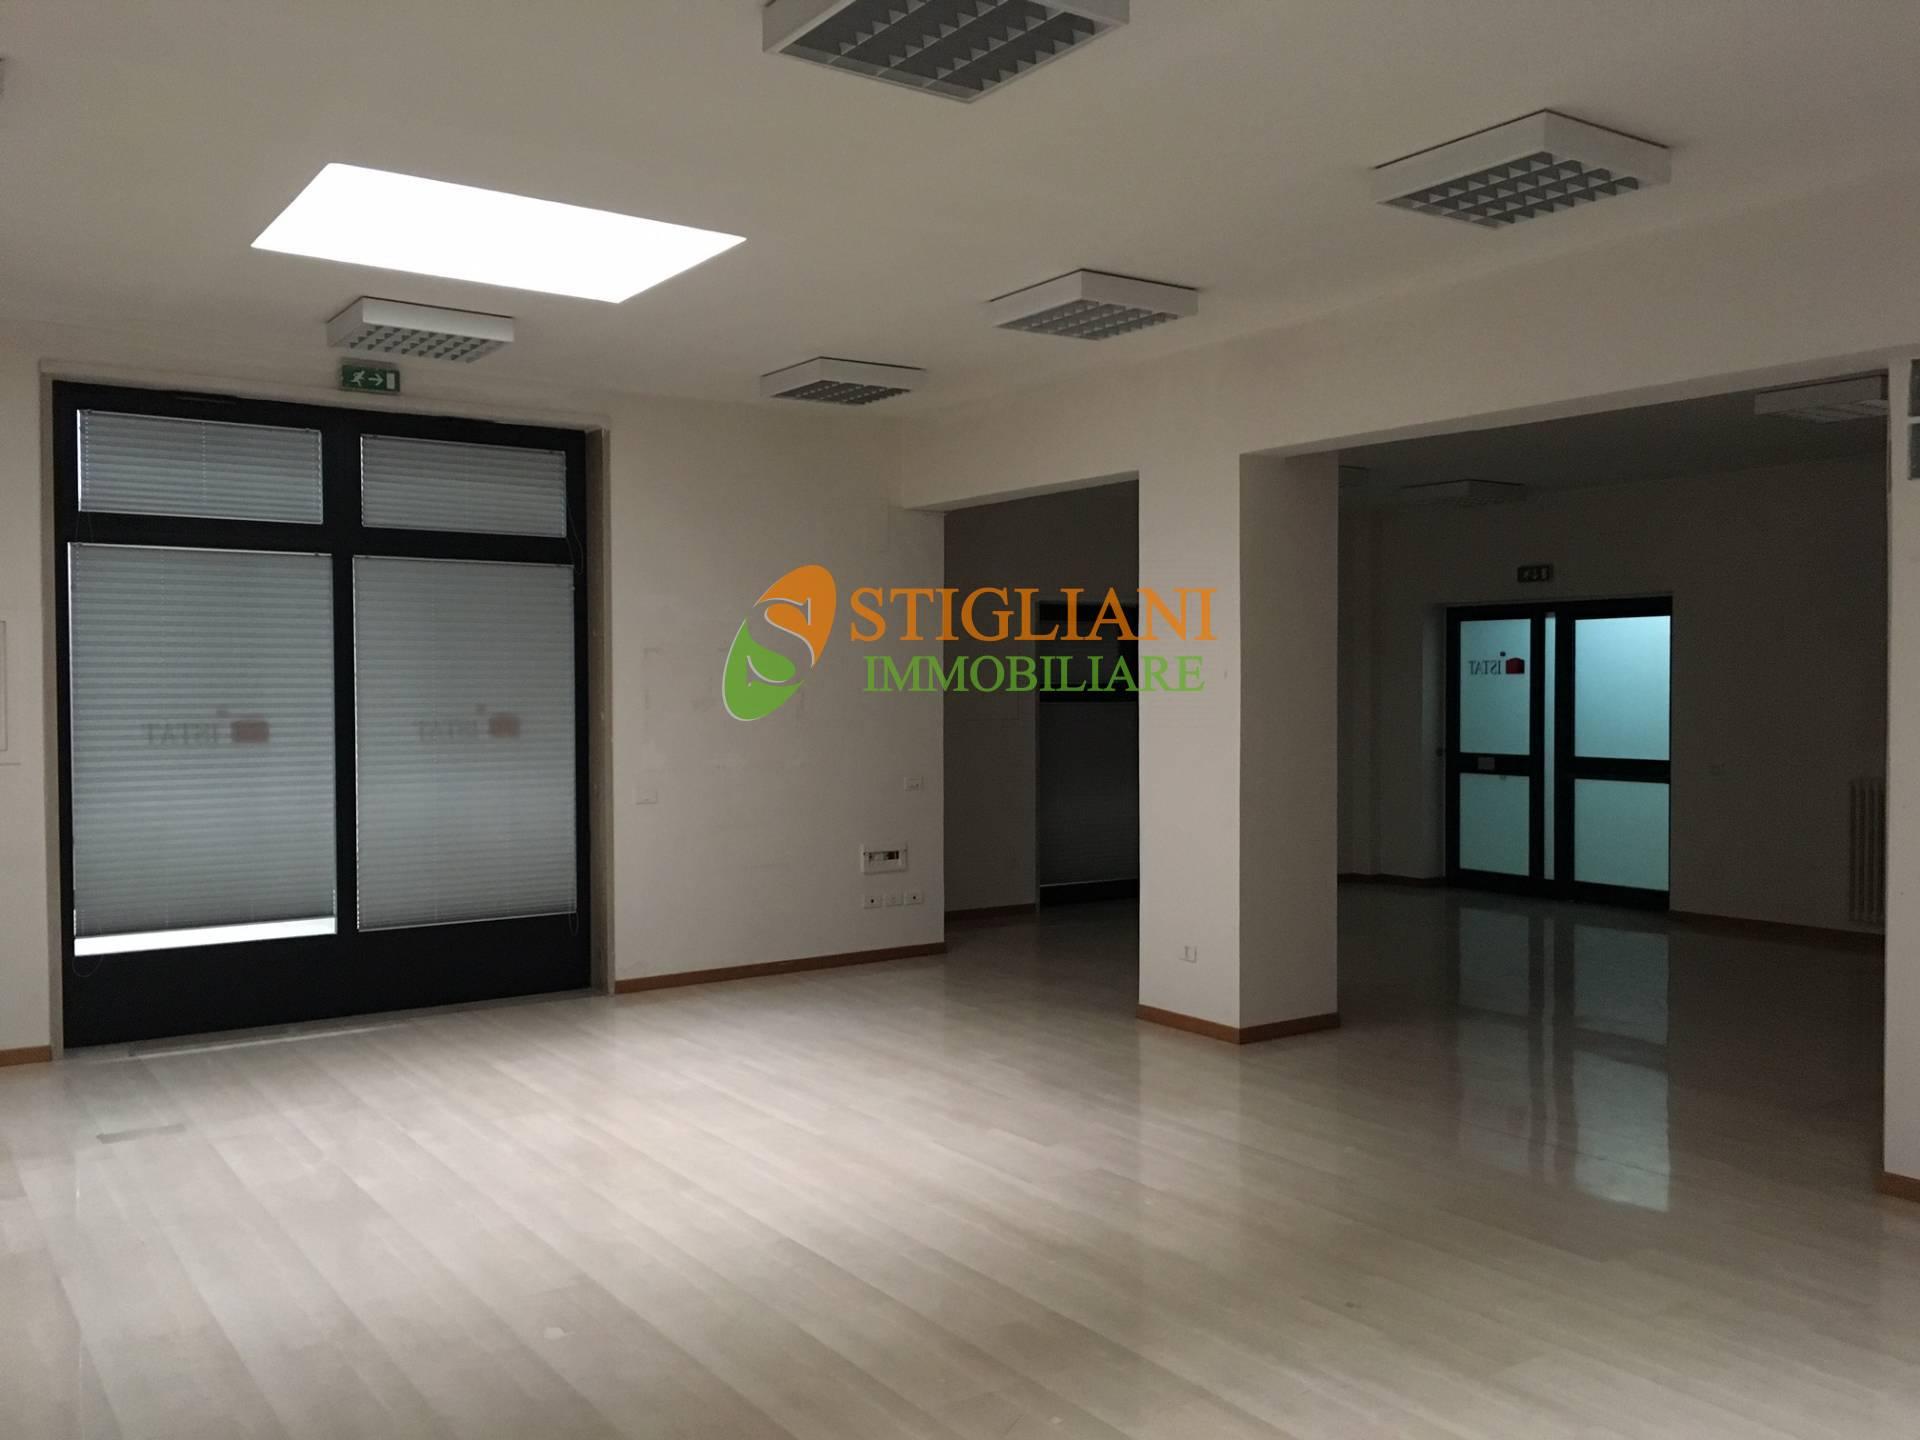 Ufficio / Studio in affitto a Campobasso, 9999 locali, zona Zona: Centro, Trattative riservate | CambioCasa.it